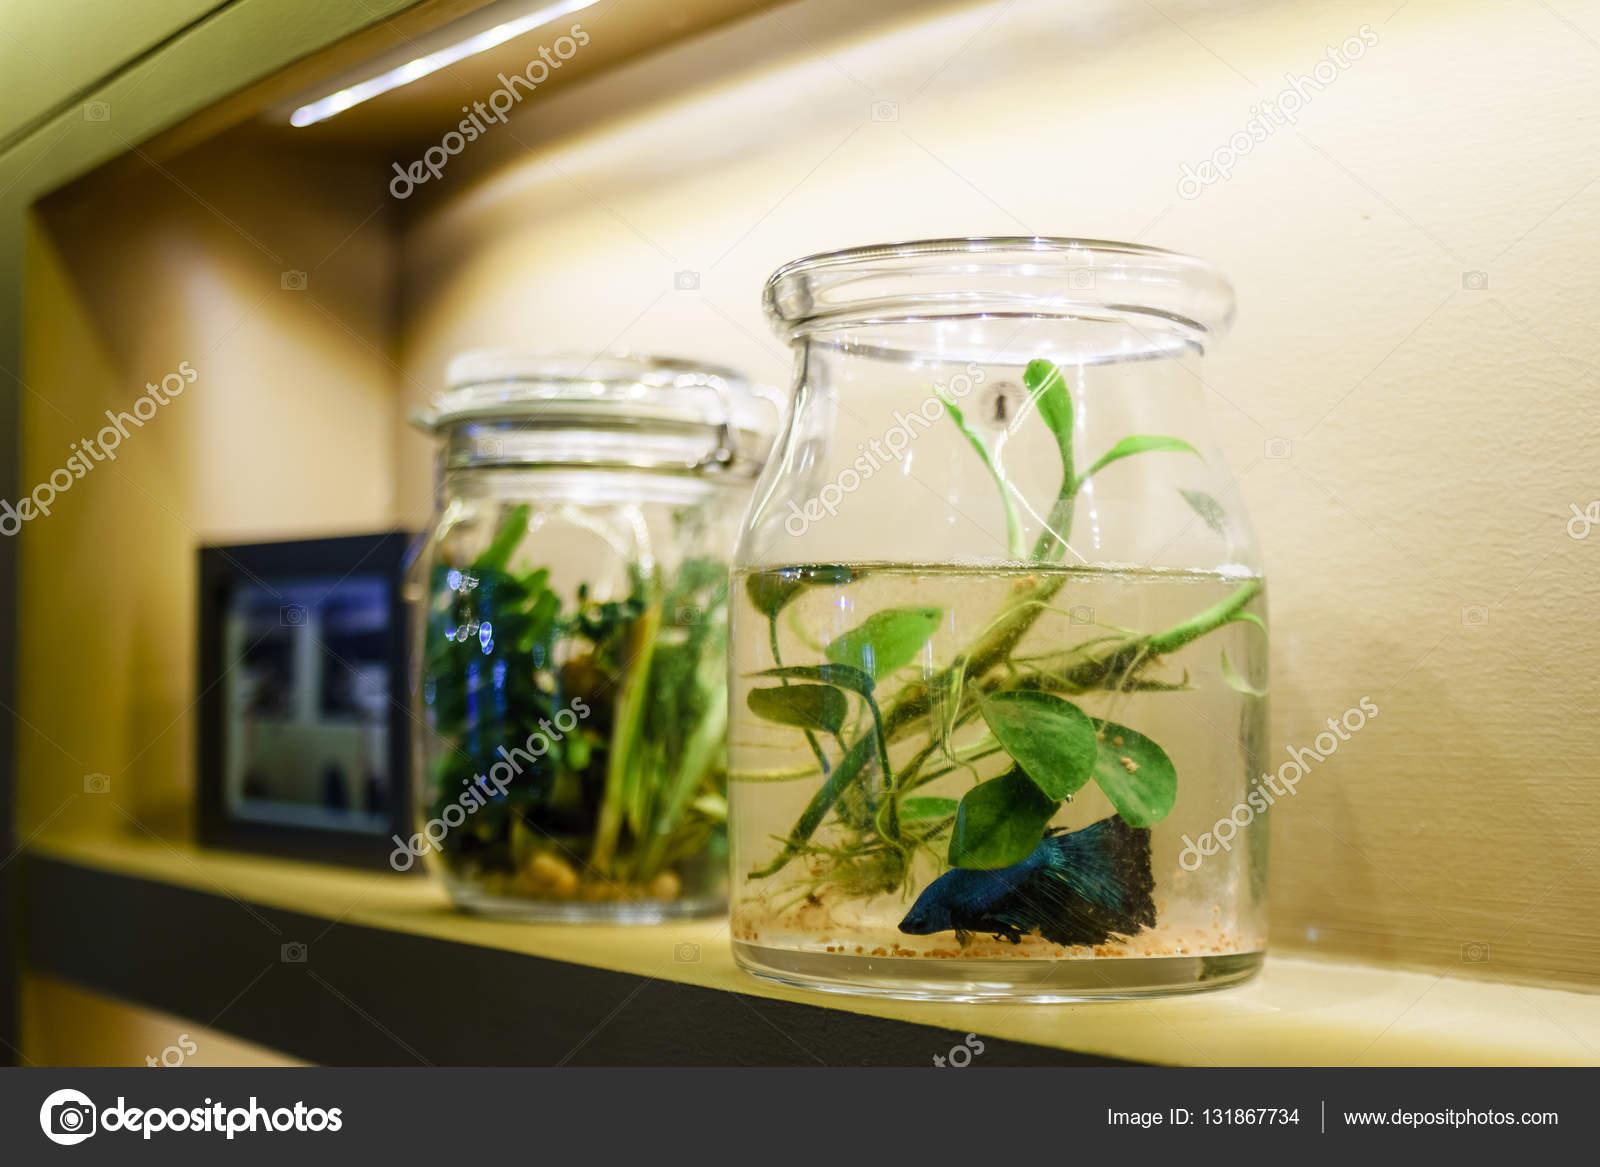 Idee van interieur huis decoratie met betta fish tank decoratie